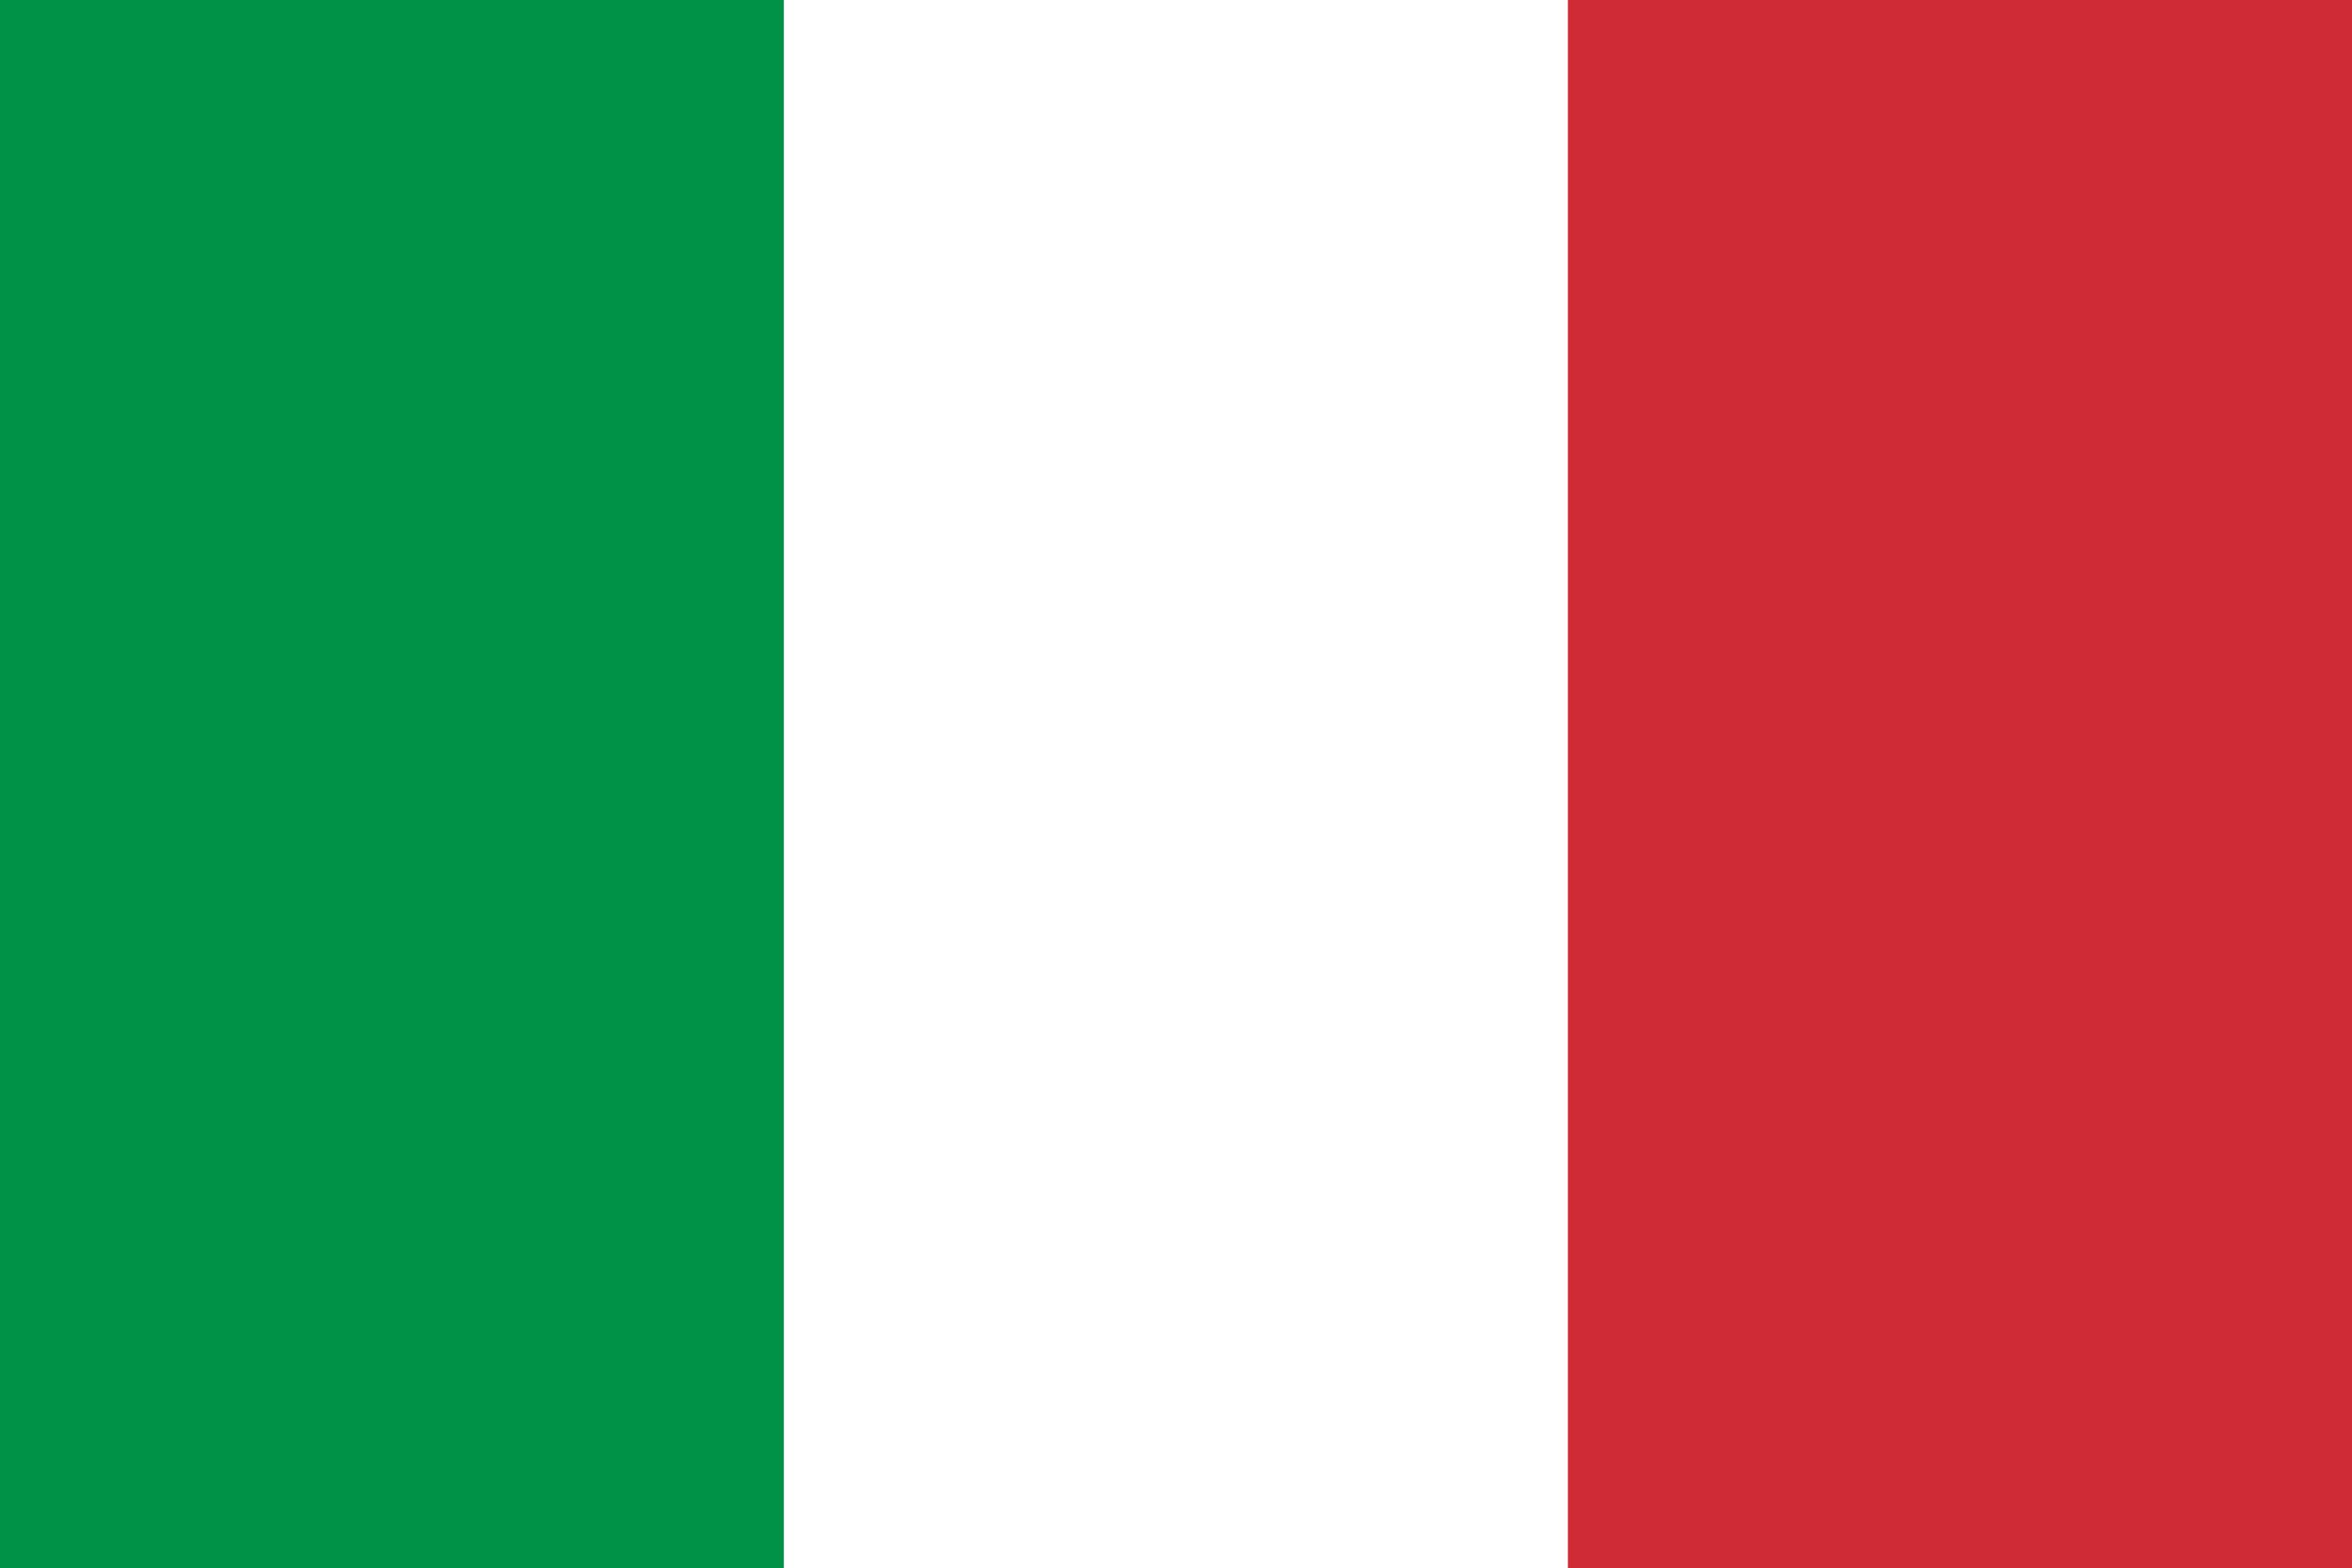 İtalya Gezisi Öncesi ; Vize çilem